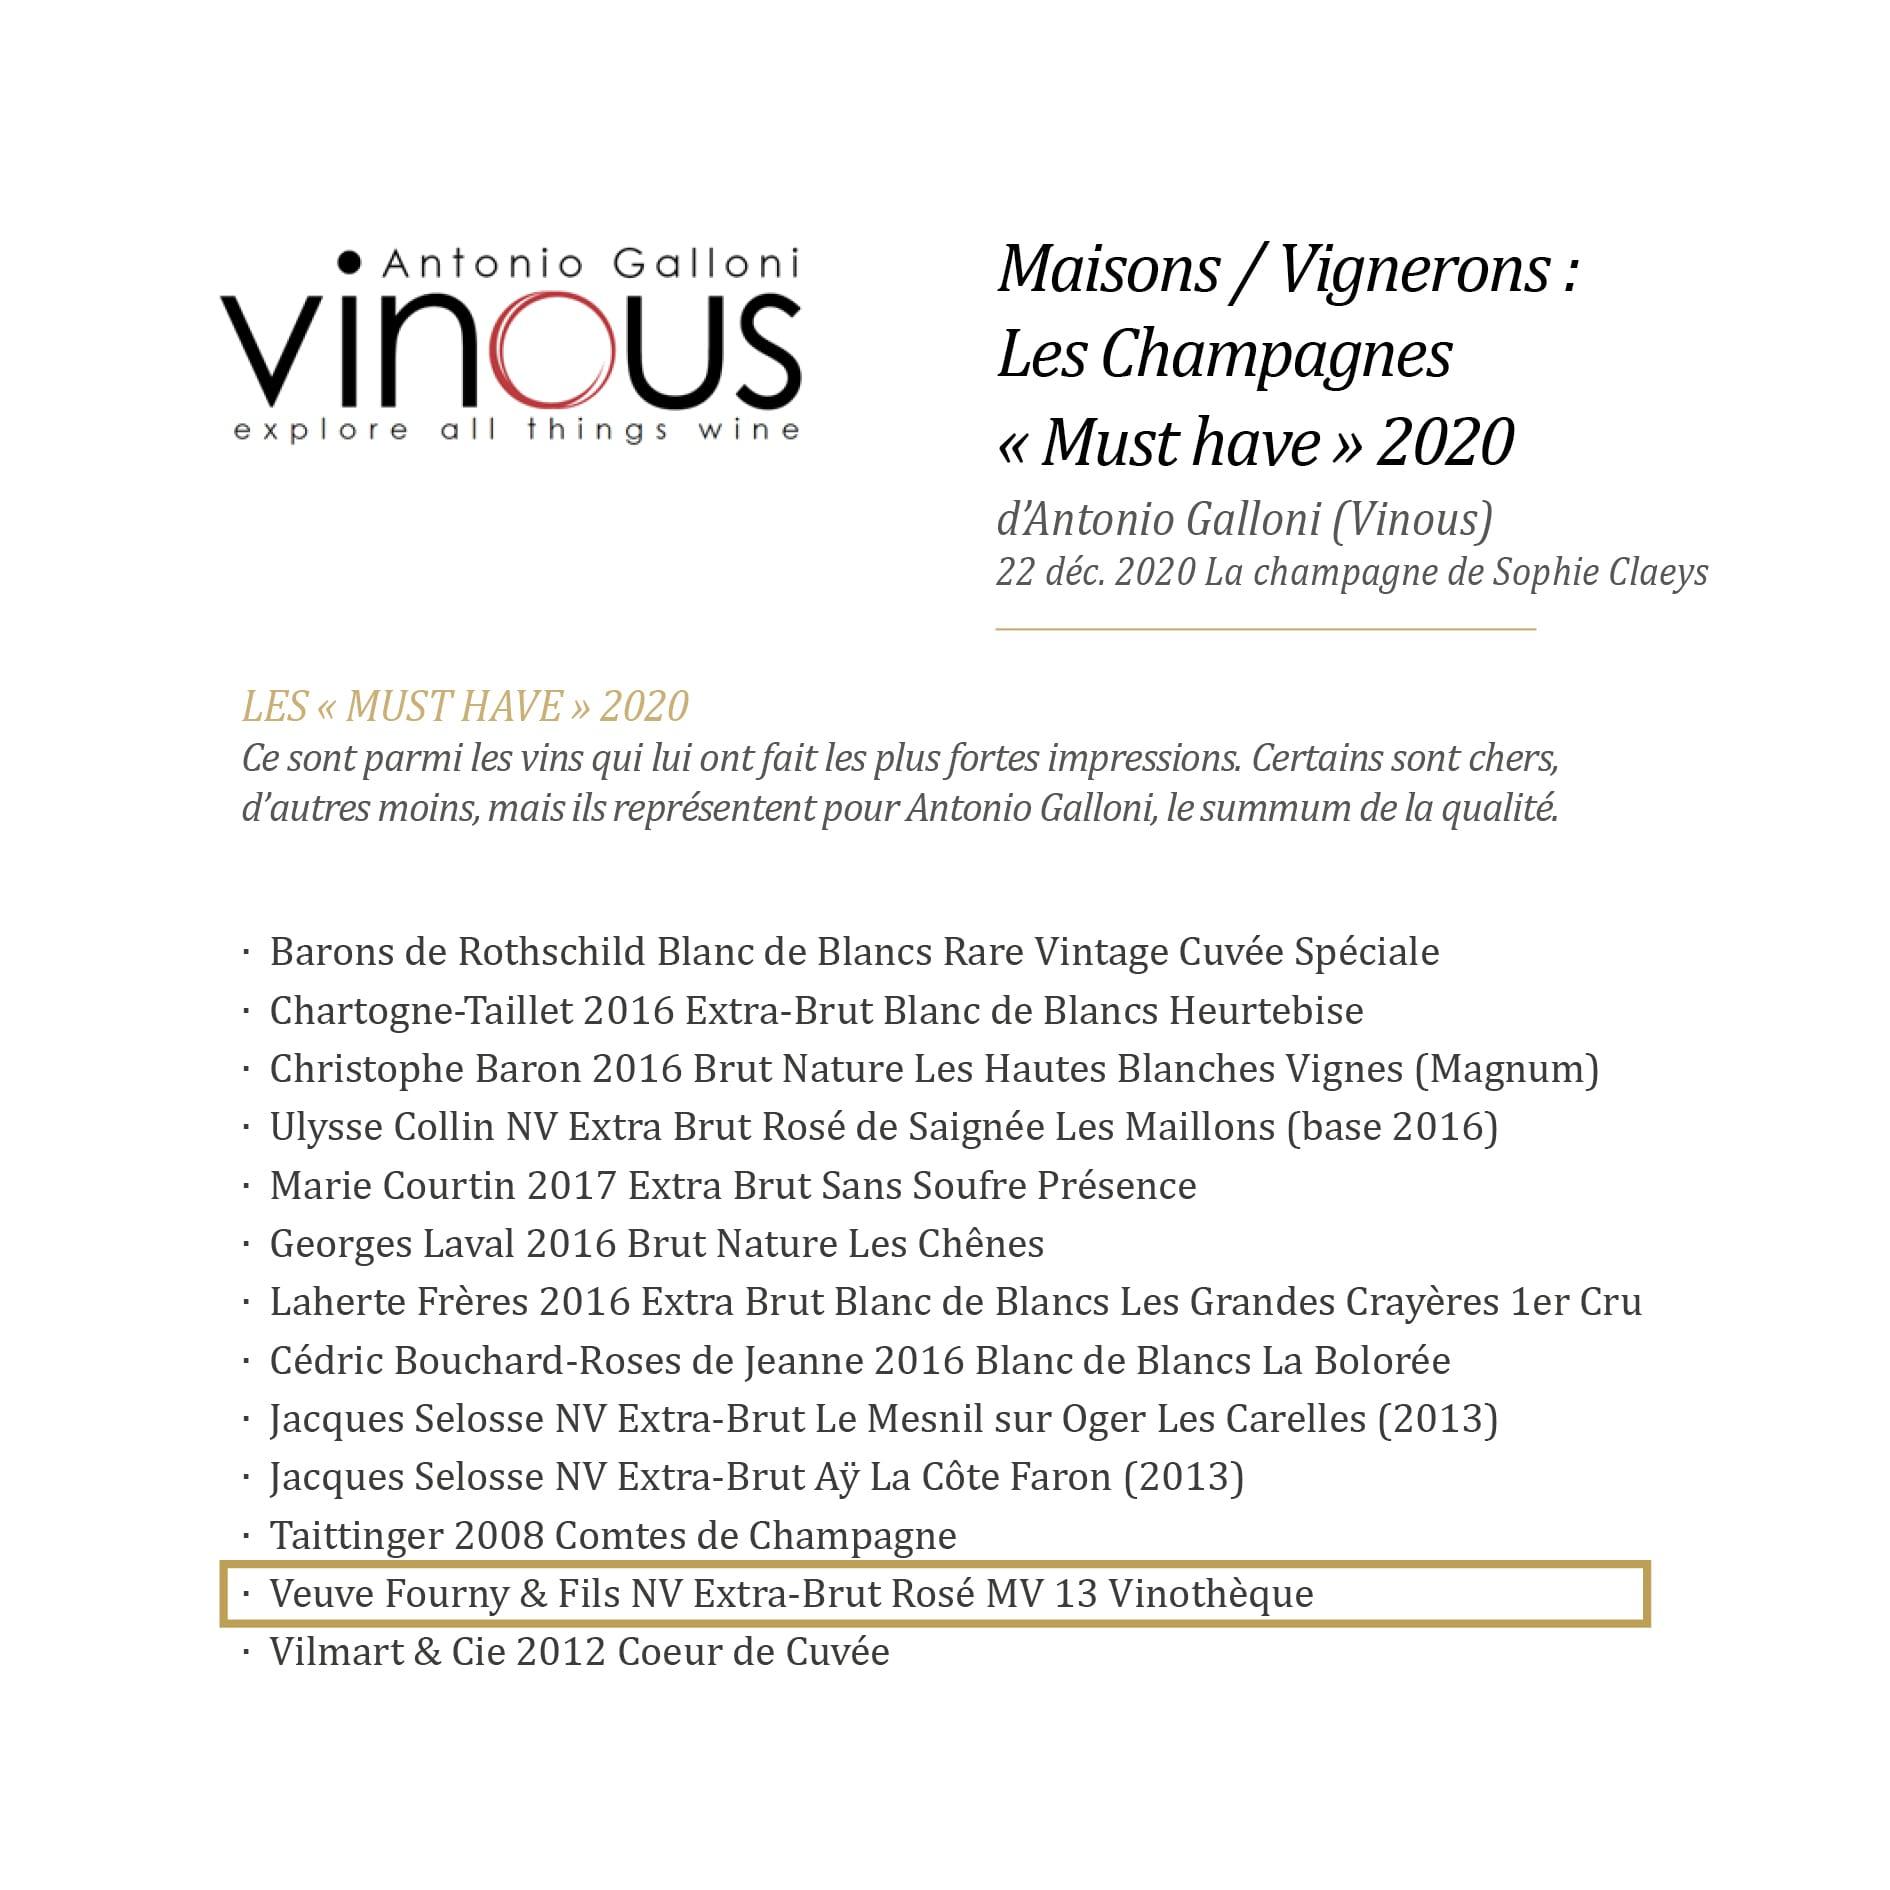 Vinous - must have